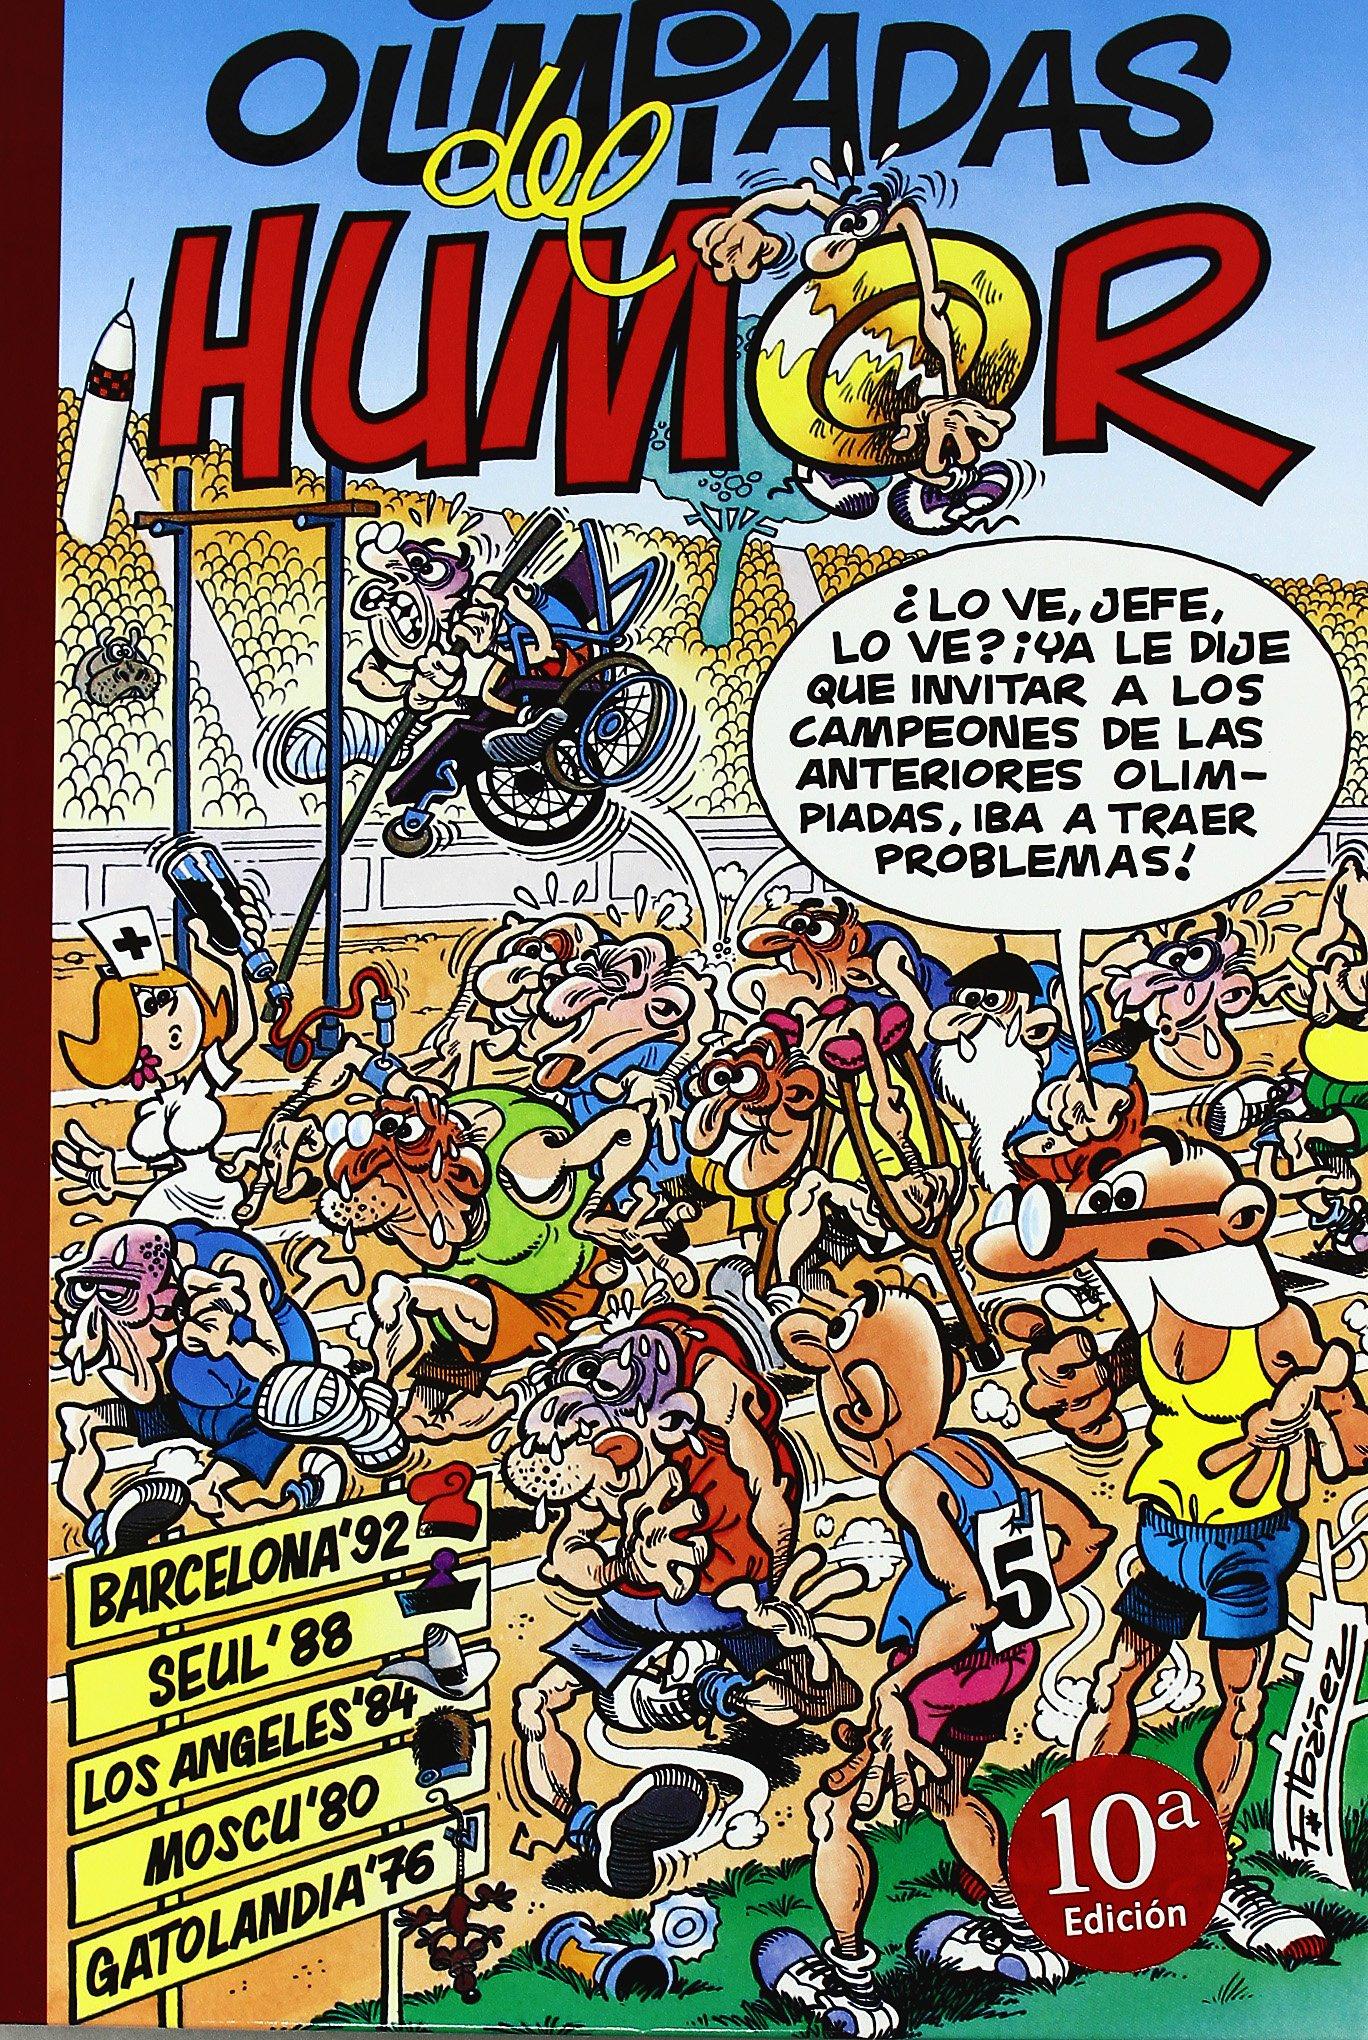 Olimpiadas del humor: Barcelona 92 | Seul 88 | Los Angeles 84 | Moscú 80 Súper Humor Mortadelo 2: Amazon.es: Ibáñez, Francisco: Libros